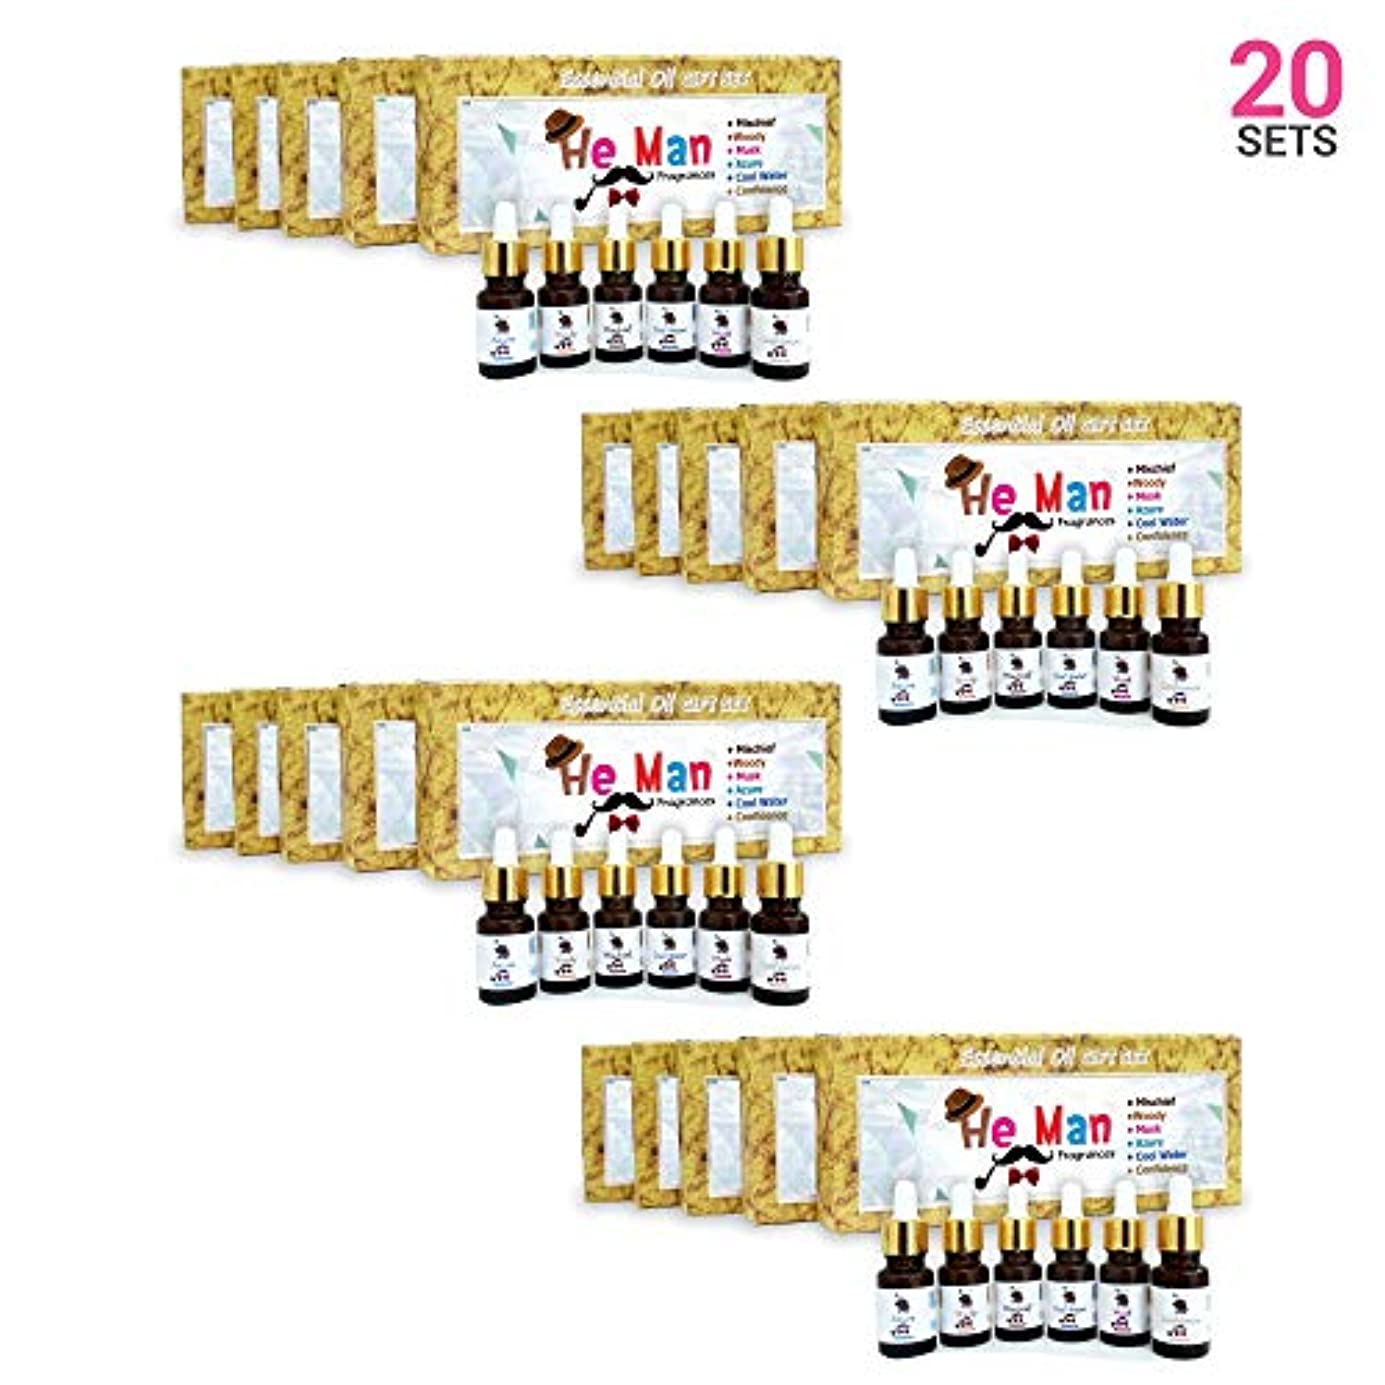 資源すずめ不健康Aromatherapy Fragrance Oils (Set of 20)- 100% Natural Therapeutic Essential Oils, 10ml each (Mischief, Woody, Musk, Azure, Cool water, Confidence) Express Shipping